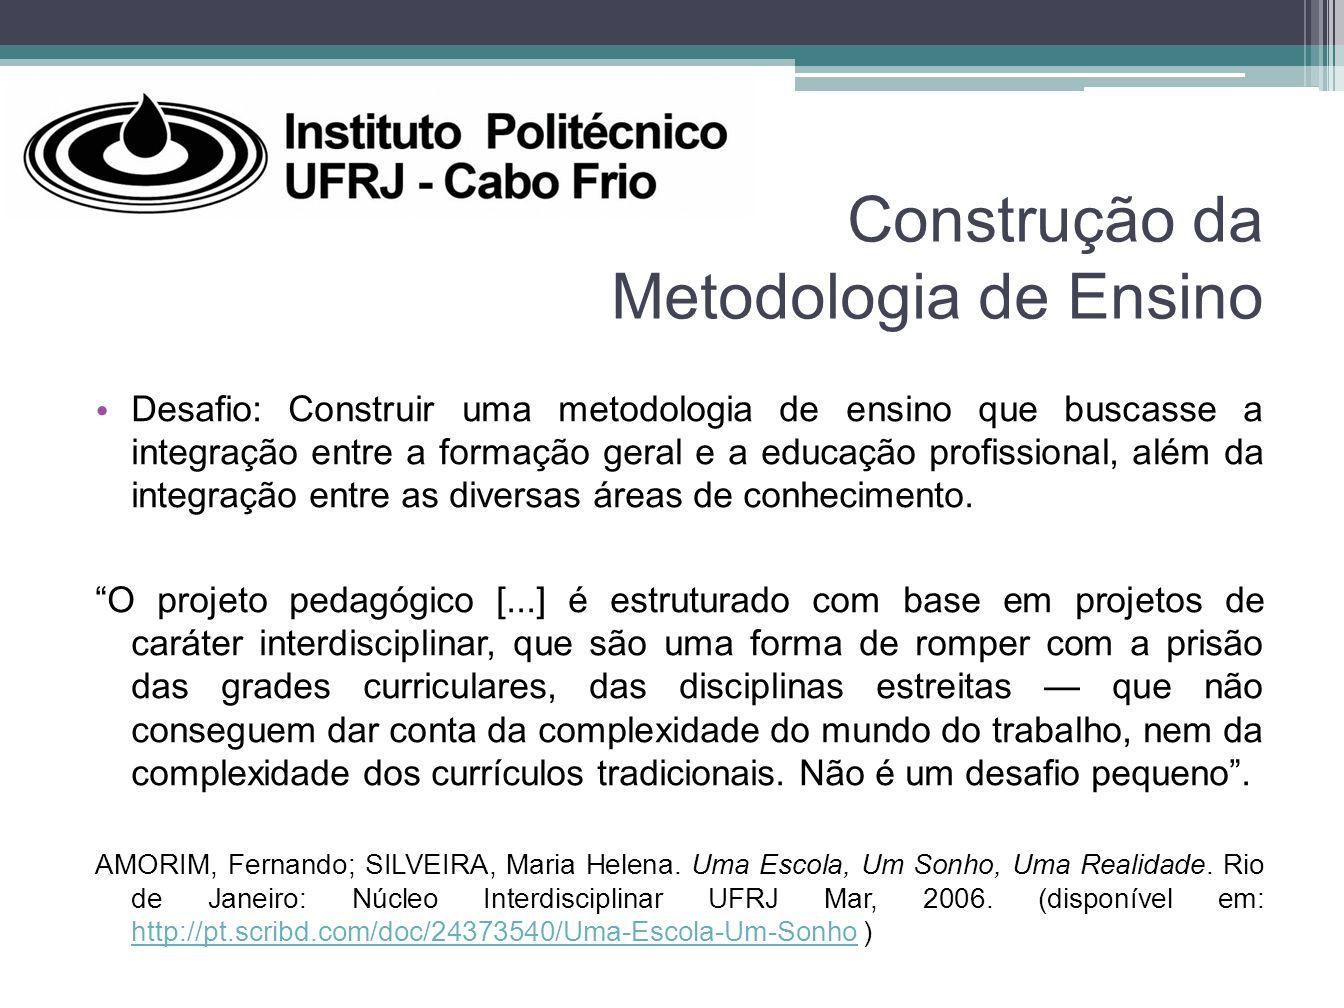 Construção da Metodologia de Ensino